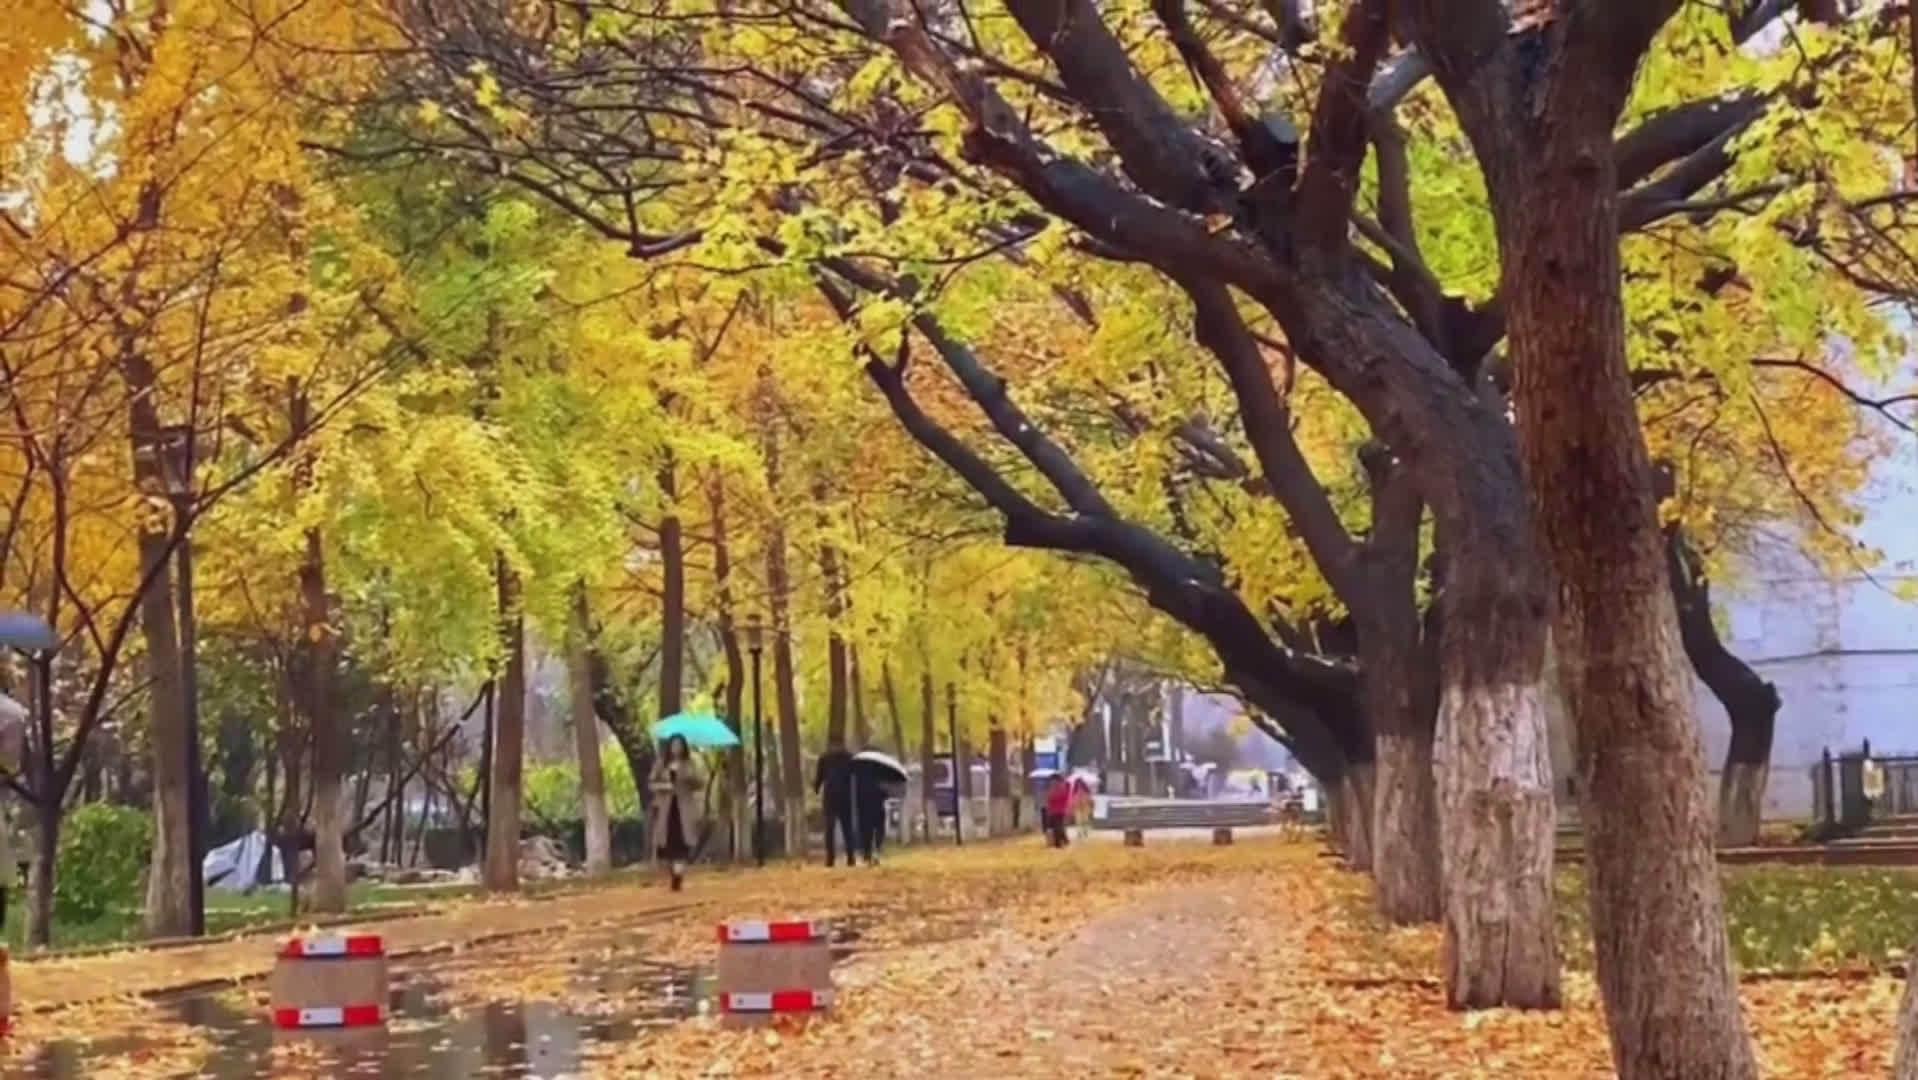 山东师范大学校区内落叶如毯,大面积的红枫和银杏集中落叶…………